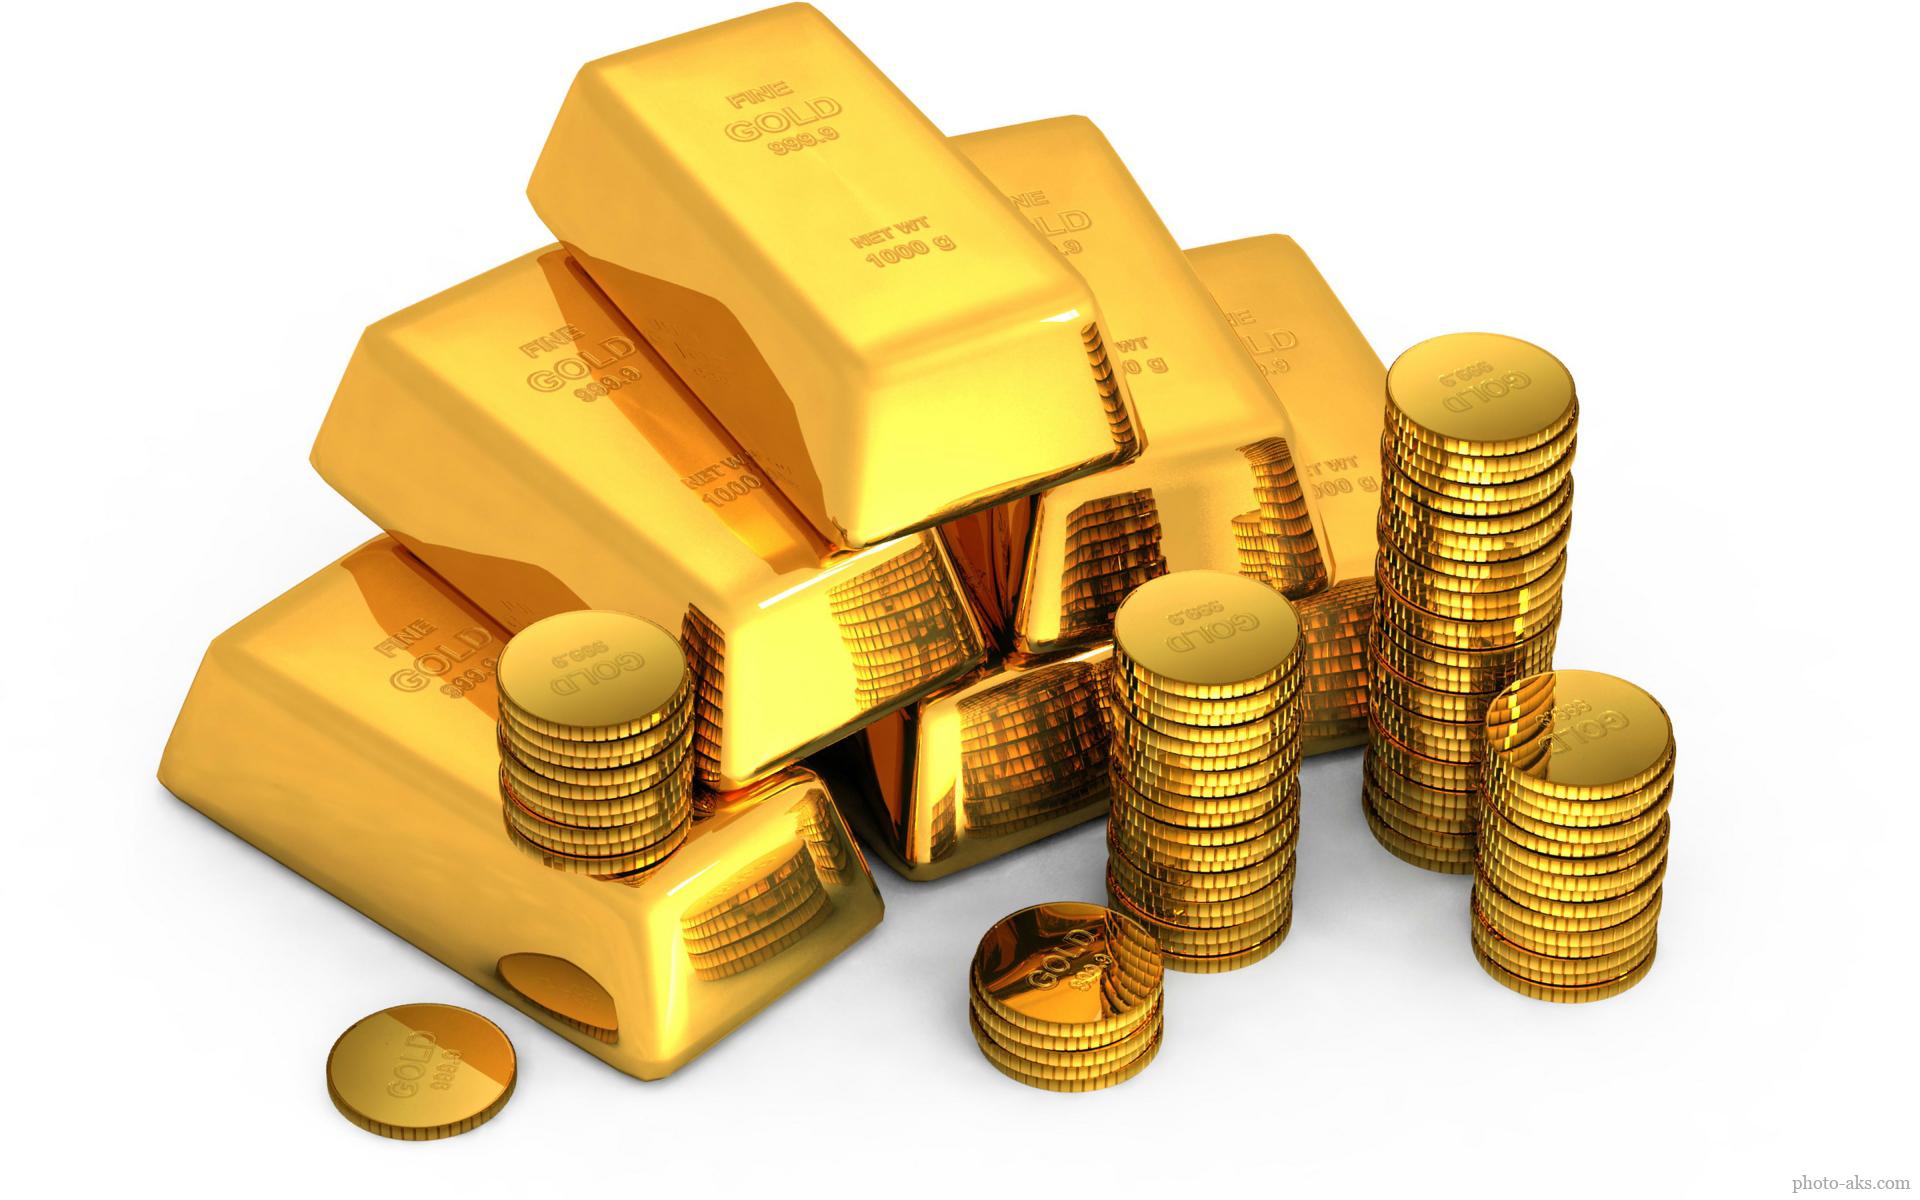 روند افزایشی قیمت طلا و سکه امروز ۱۴ مرداد ۹۸